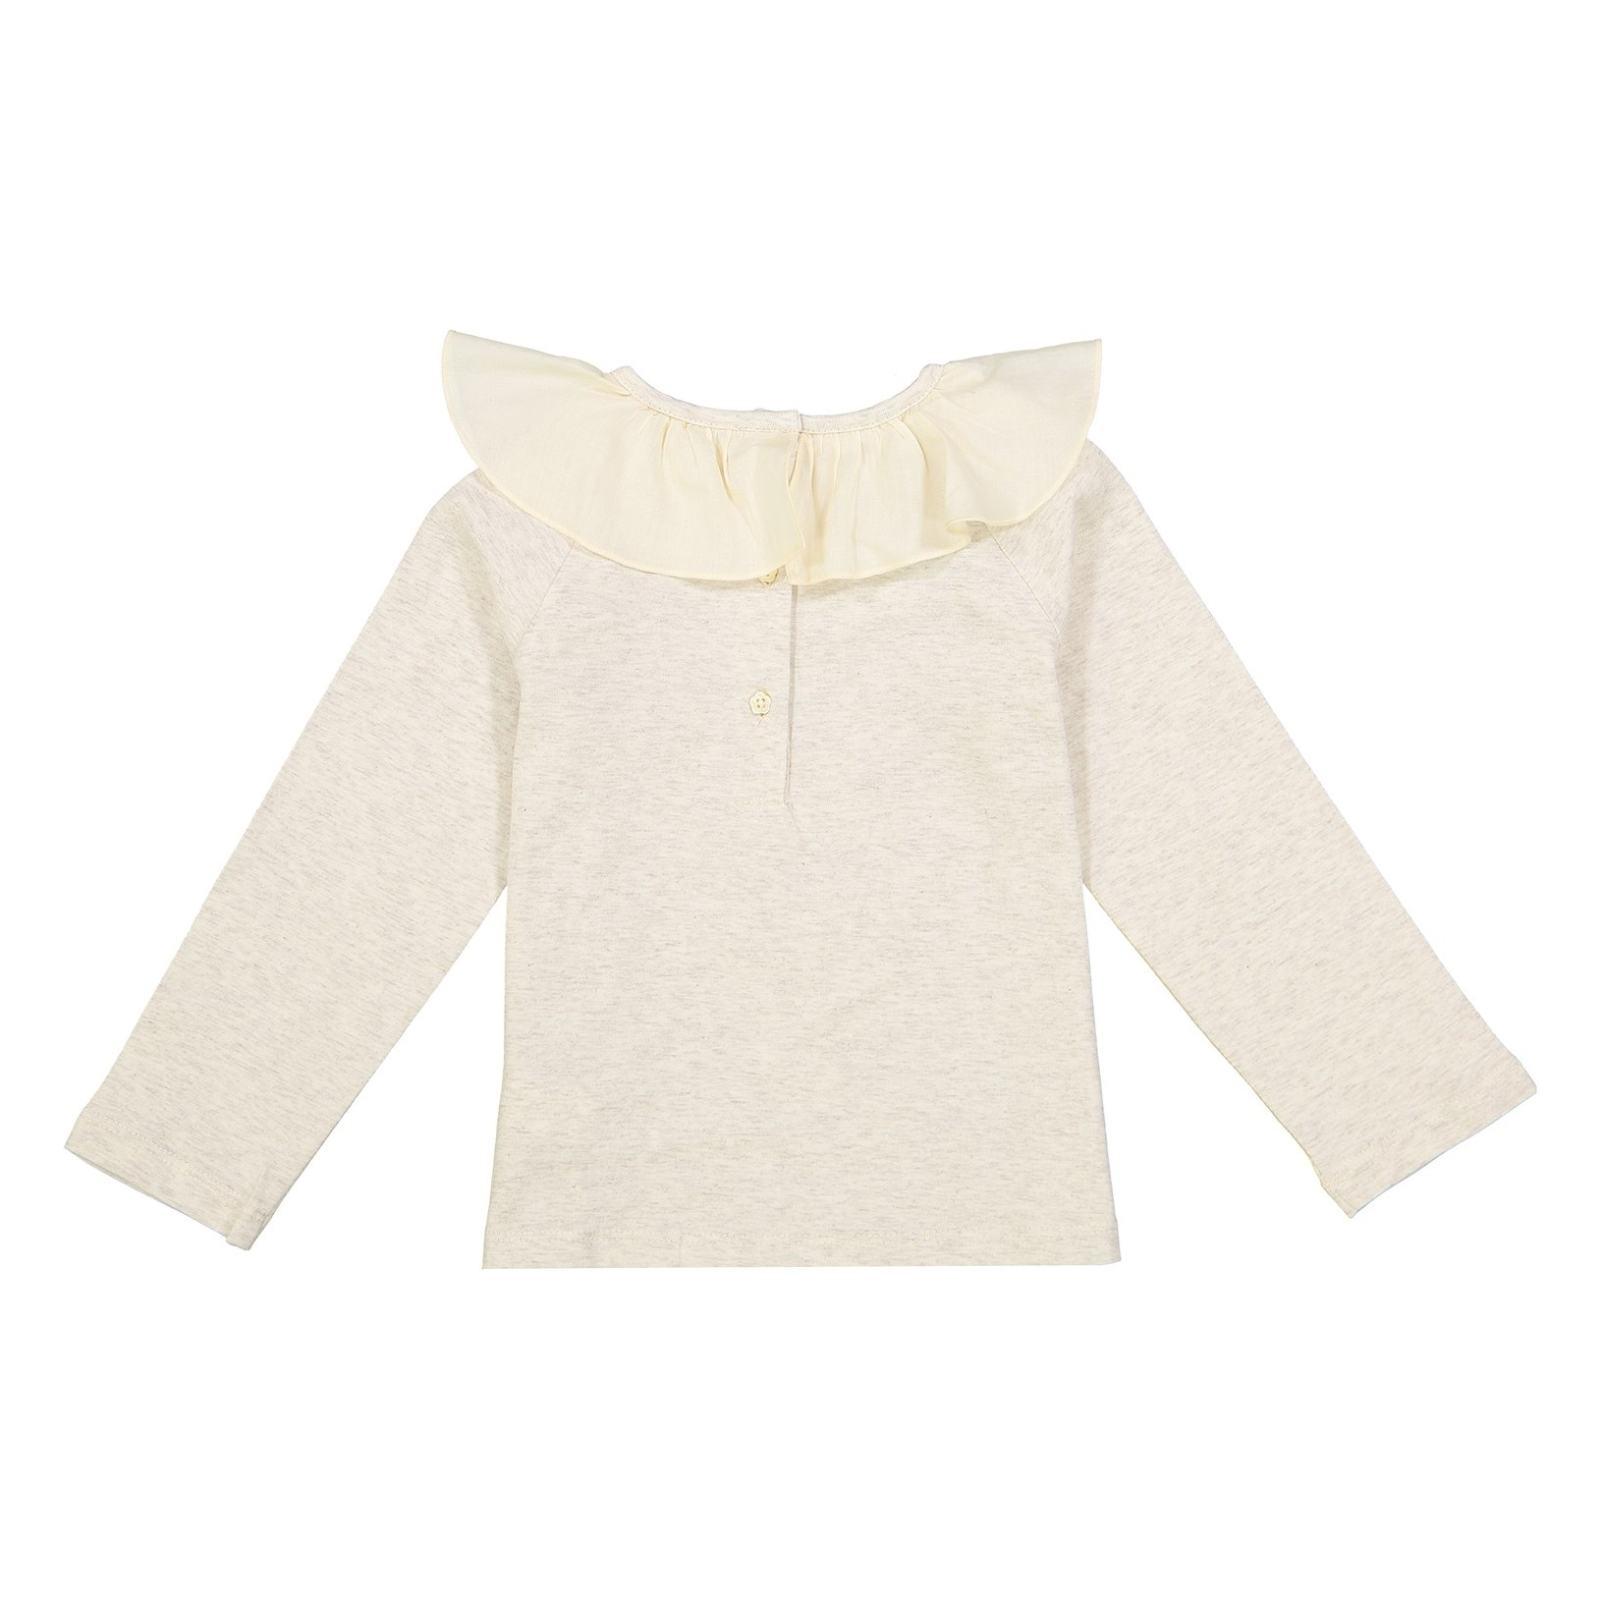 تی شرت و دامن نخی نوزادی دخترانه - مانسون چیلدرن - صورتي/طوسي - 3